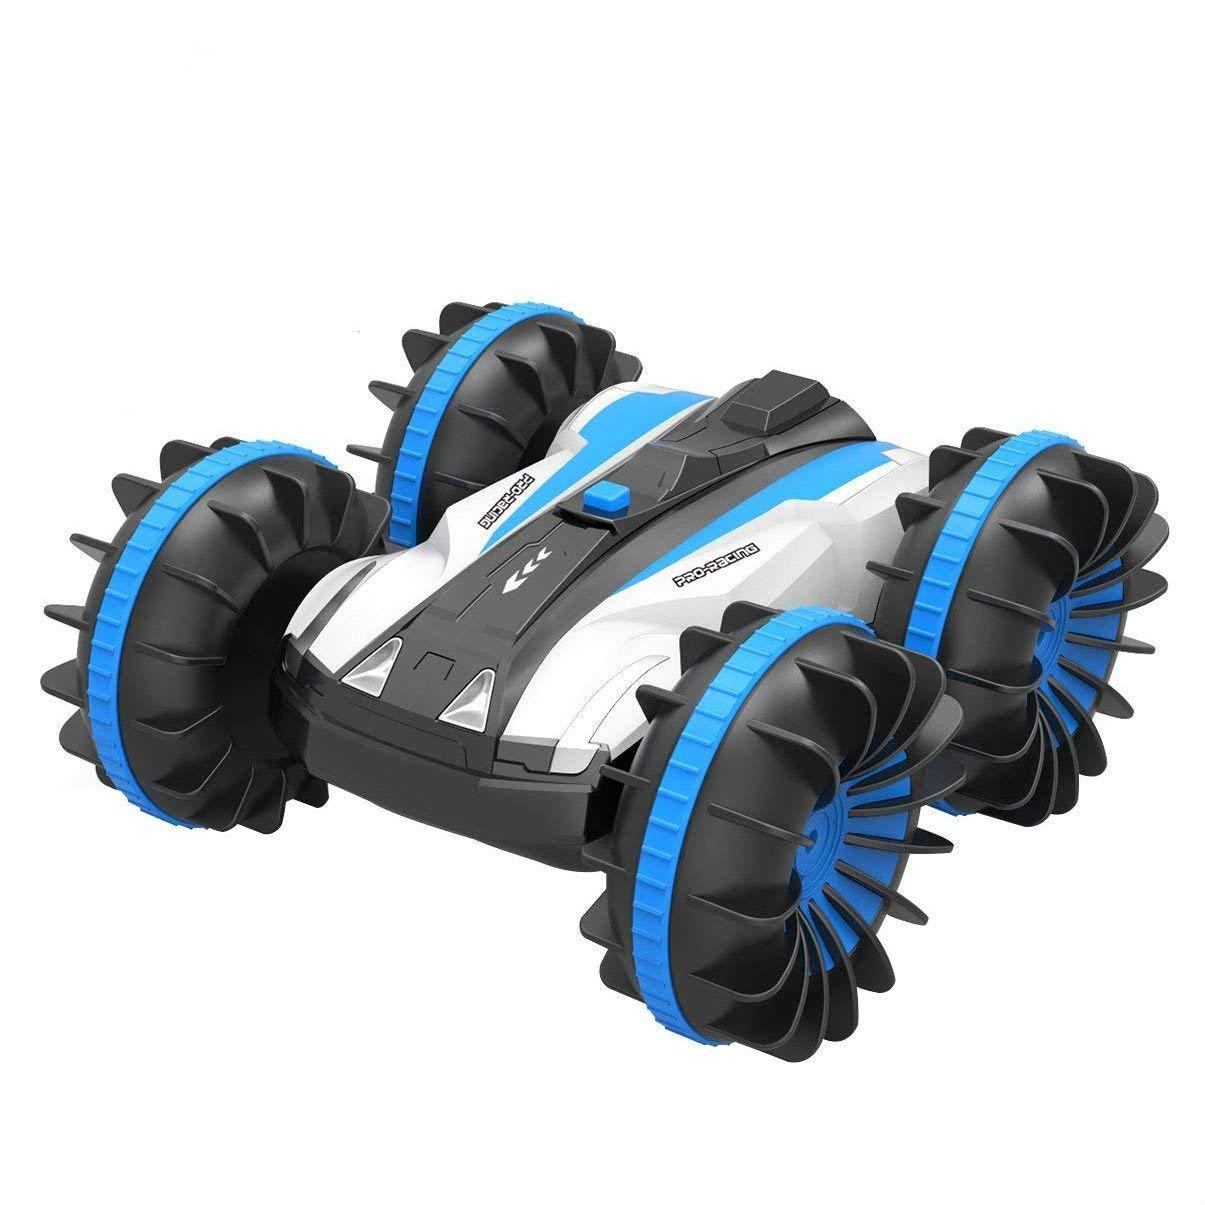 allcaca RC Stunt Car avec 360 ° de Rotation renversant 2.4 Ghz Tout Terrain Voitures de Course Double-côtés véhicule étanche pour Les Jouets pour Enfants